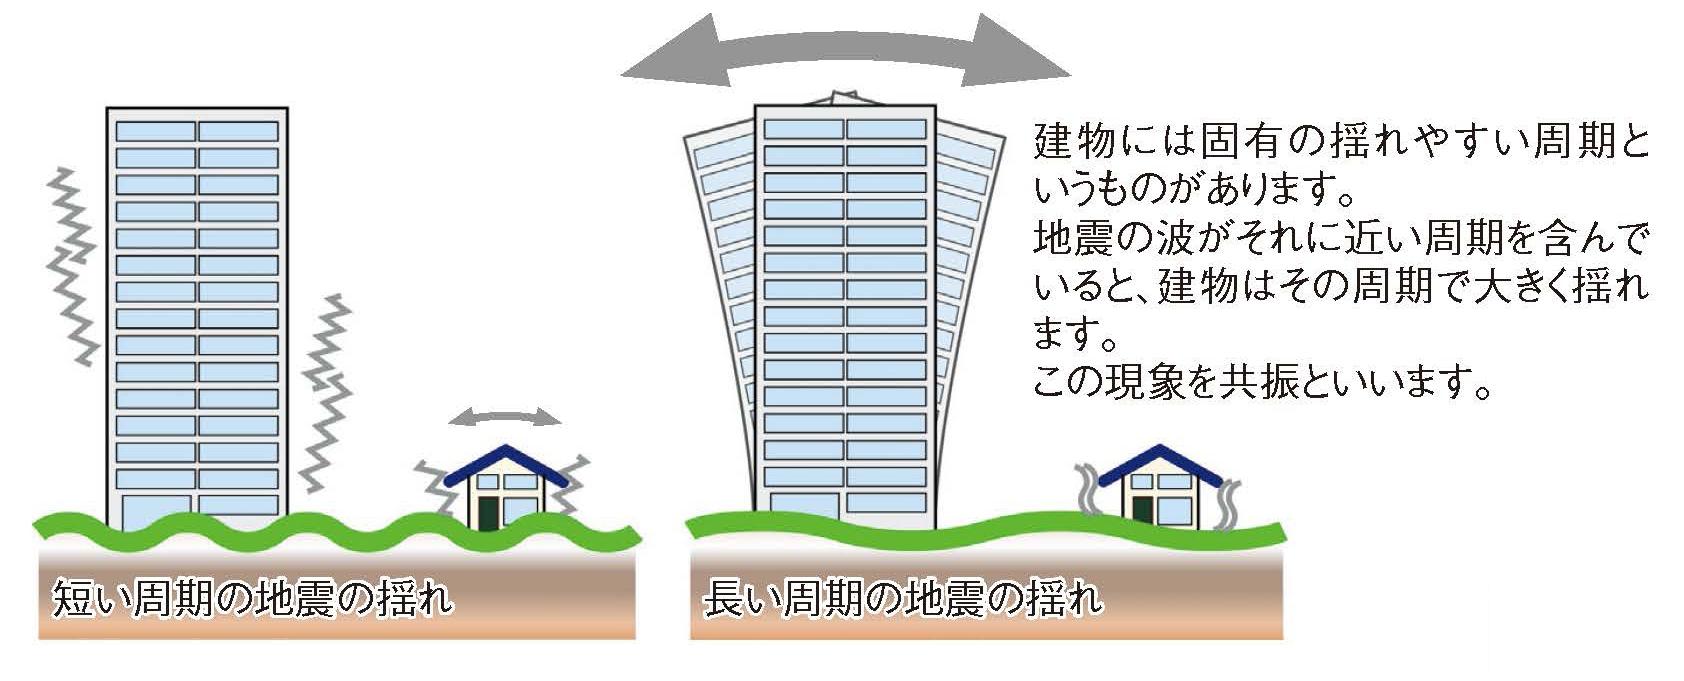 「地震波・地盤・長周期地震動」の検索結果